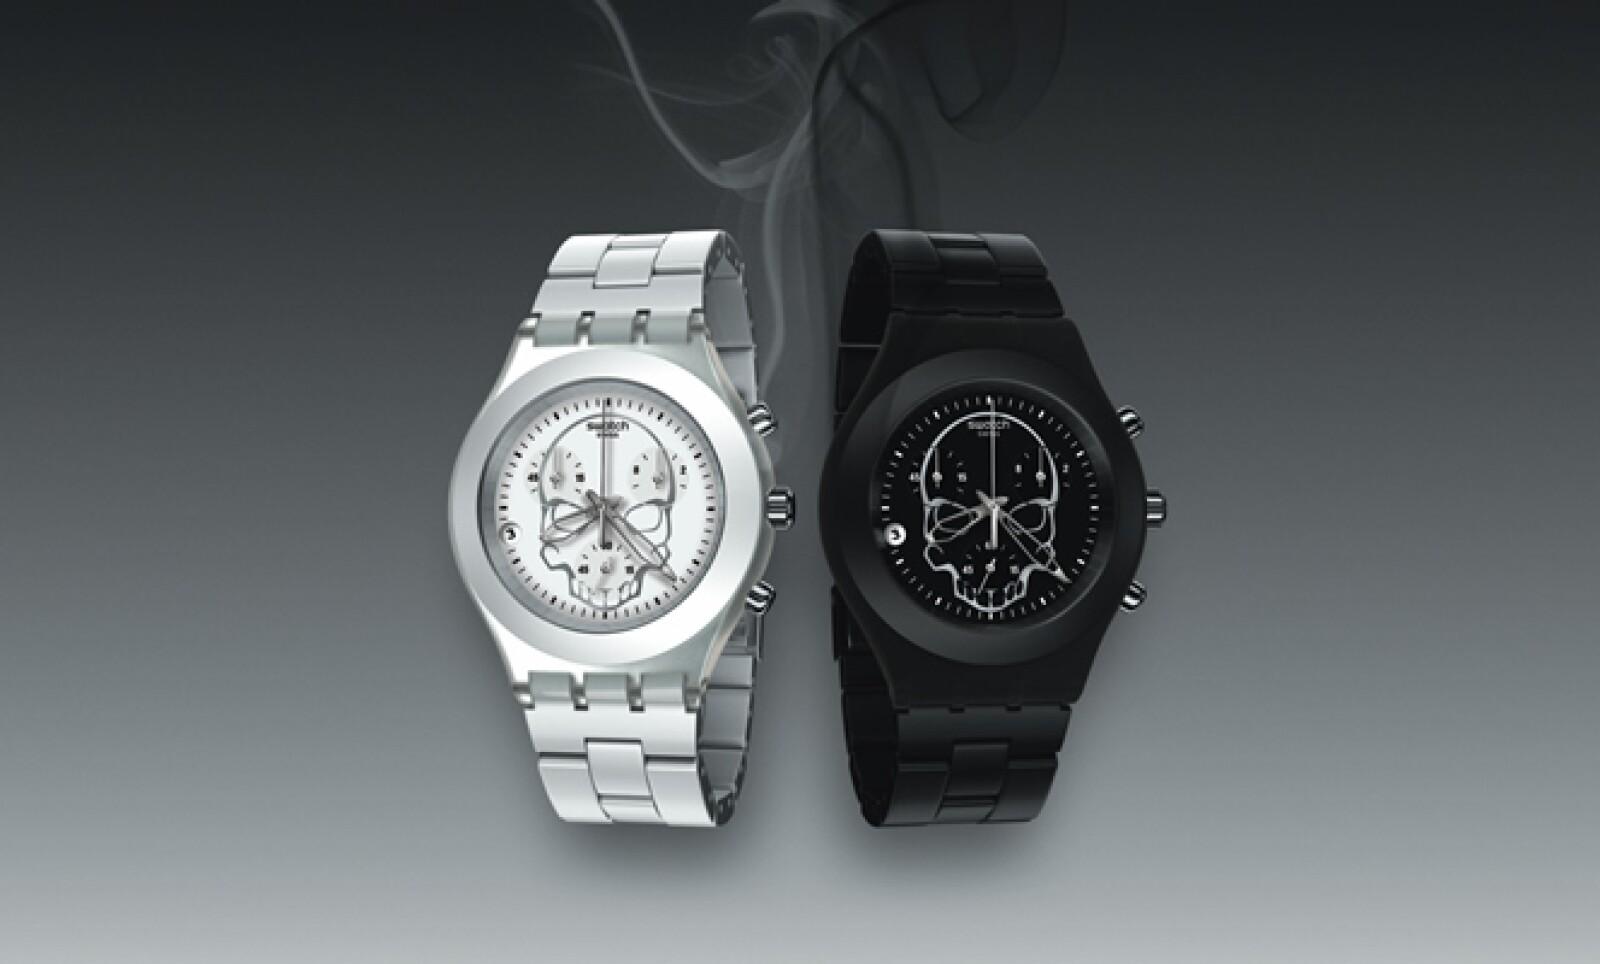 Este reloj está disponible en colores blanco y negro.